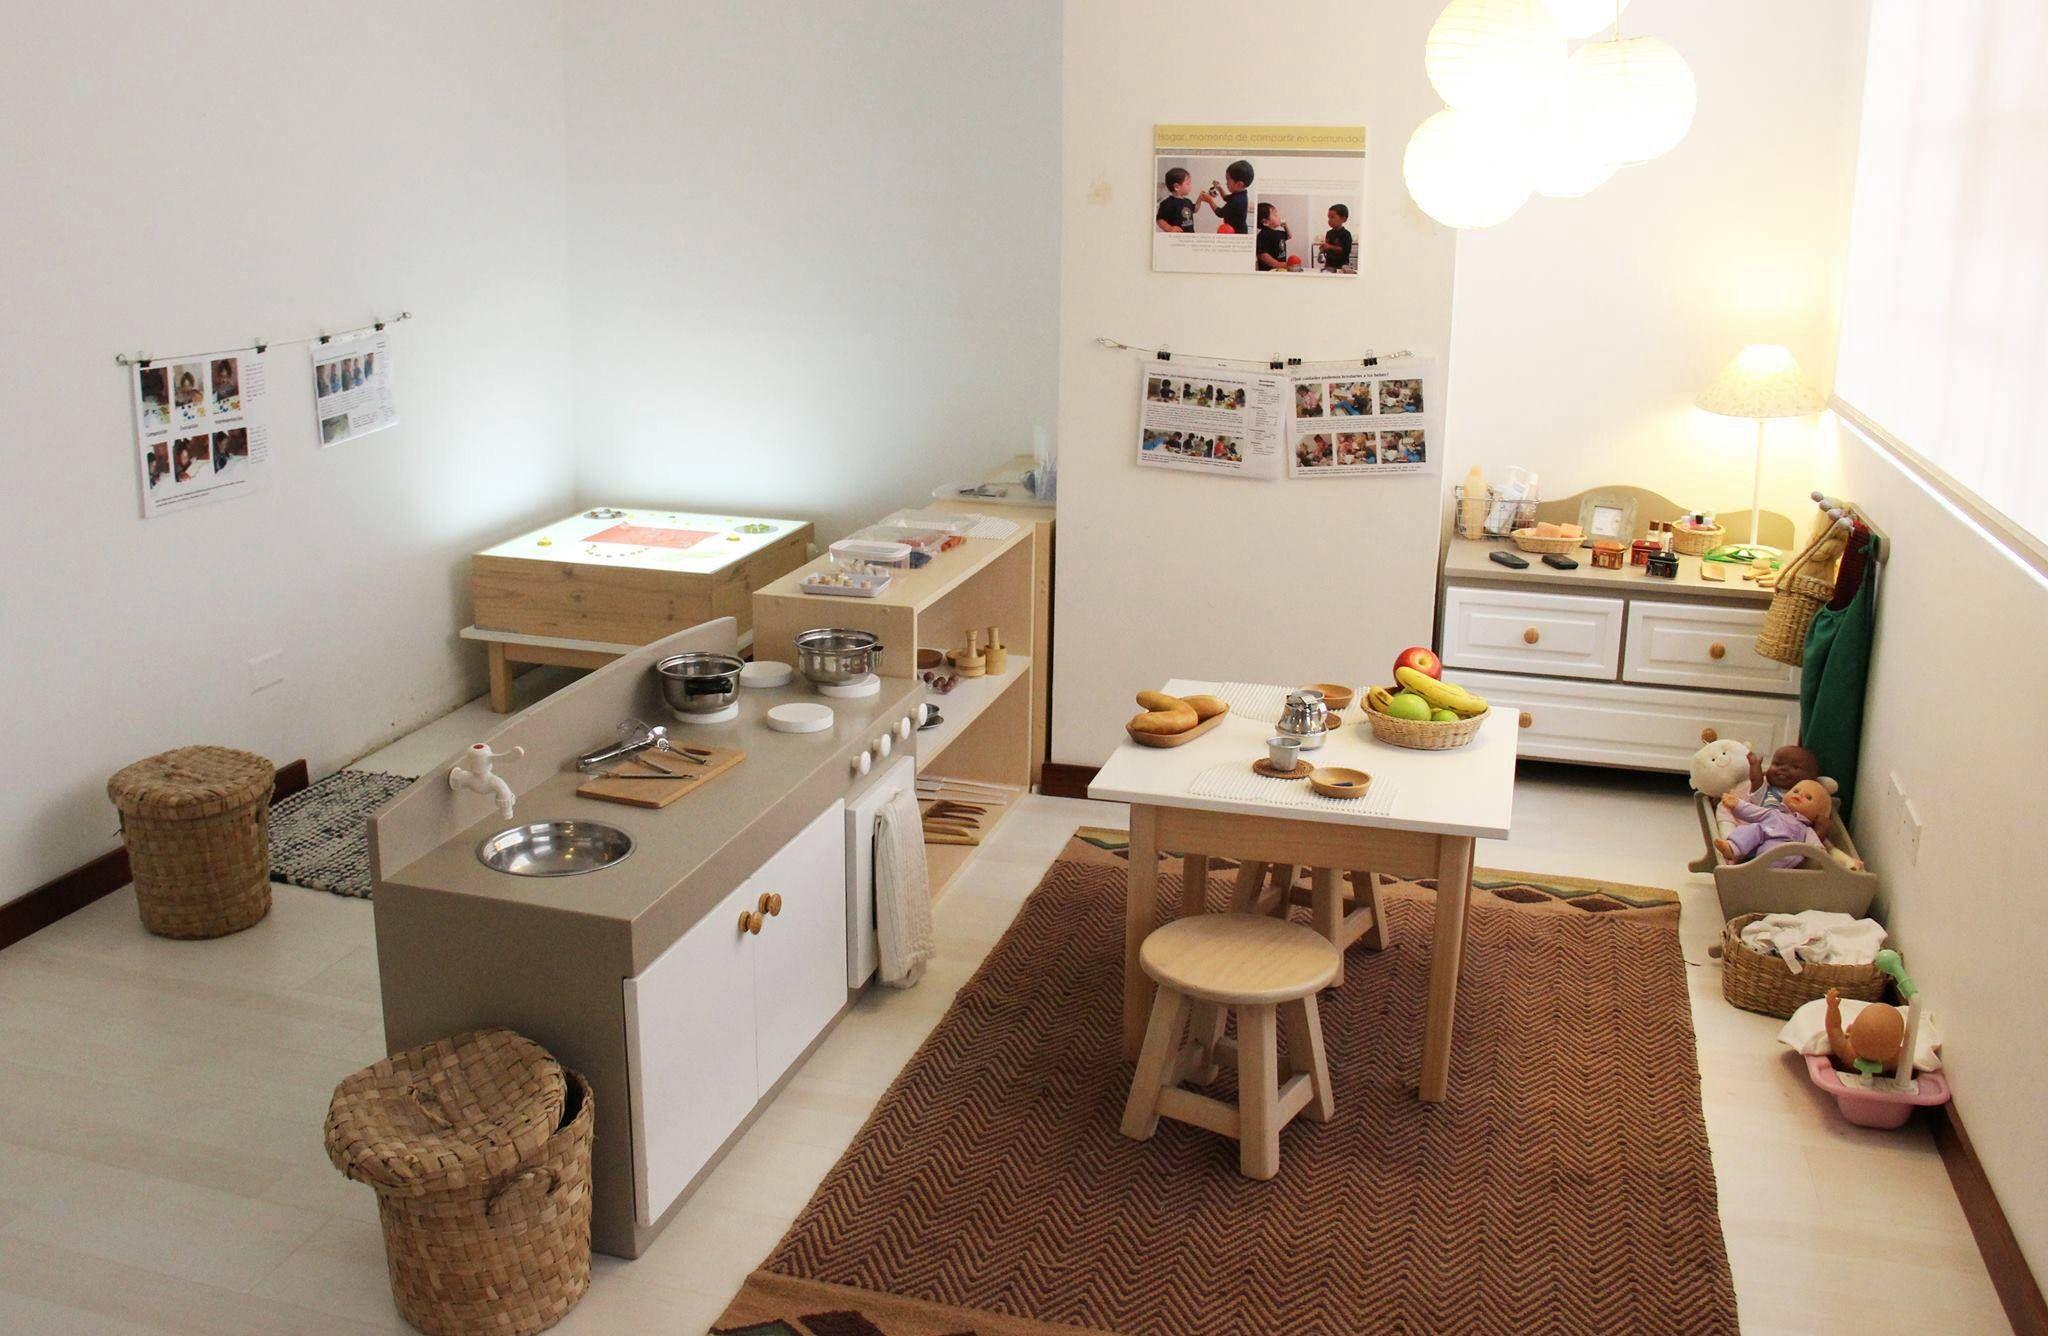 Nido la casa amarilla espacio de juego simb lico de casa for Guitarras para ninos casa amarilla